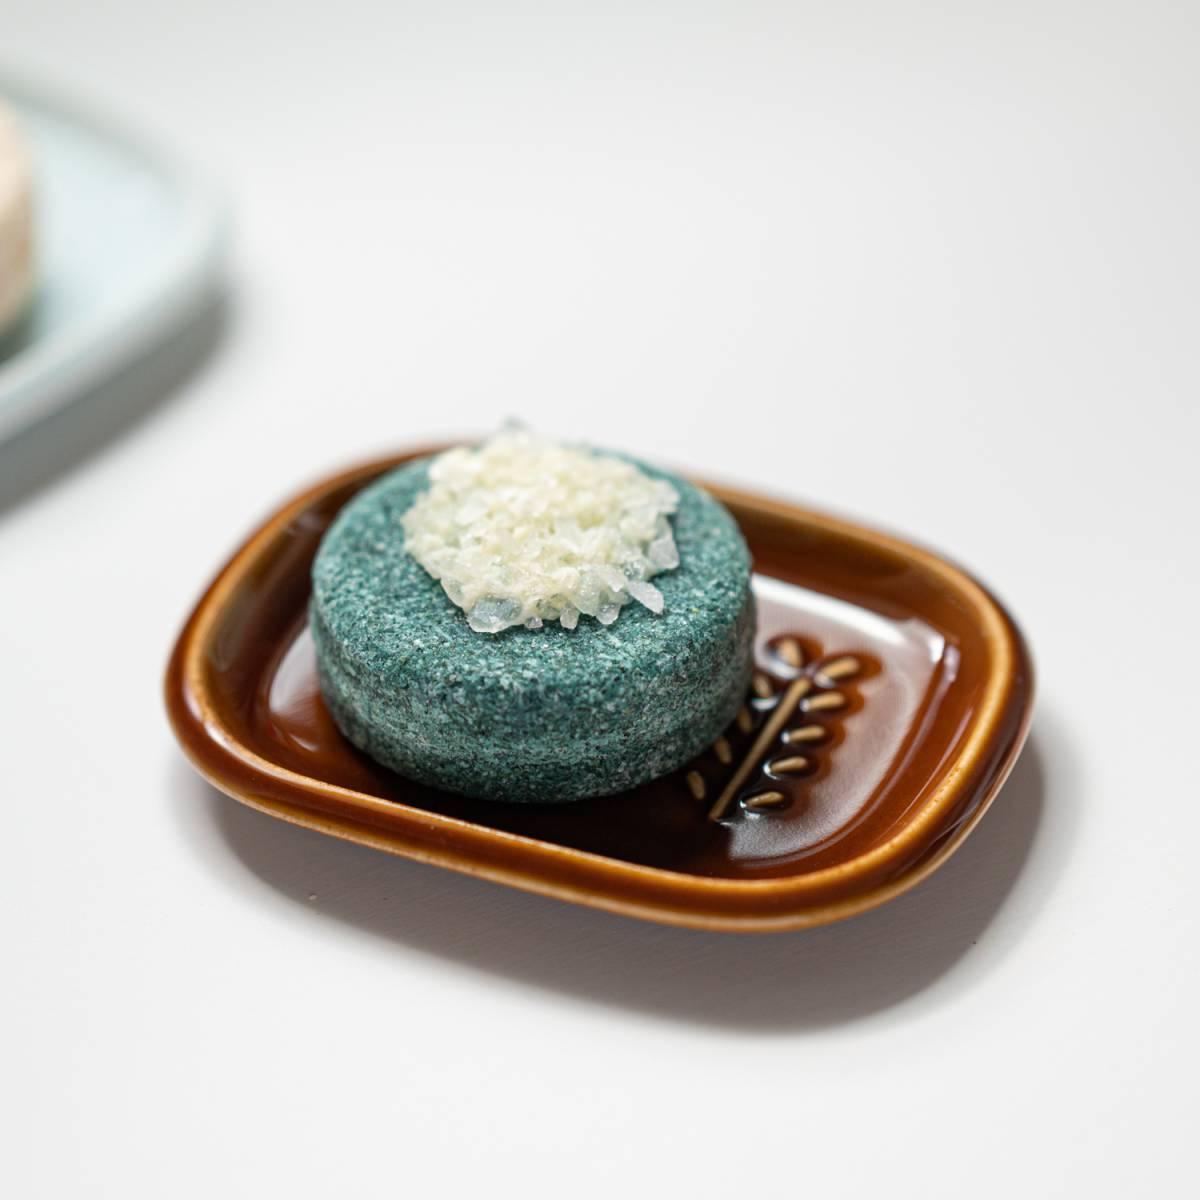 深山(miyama.) crust-クラスト- ソープディッシュ (長方形) 飴釉[美濃焼]